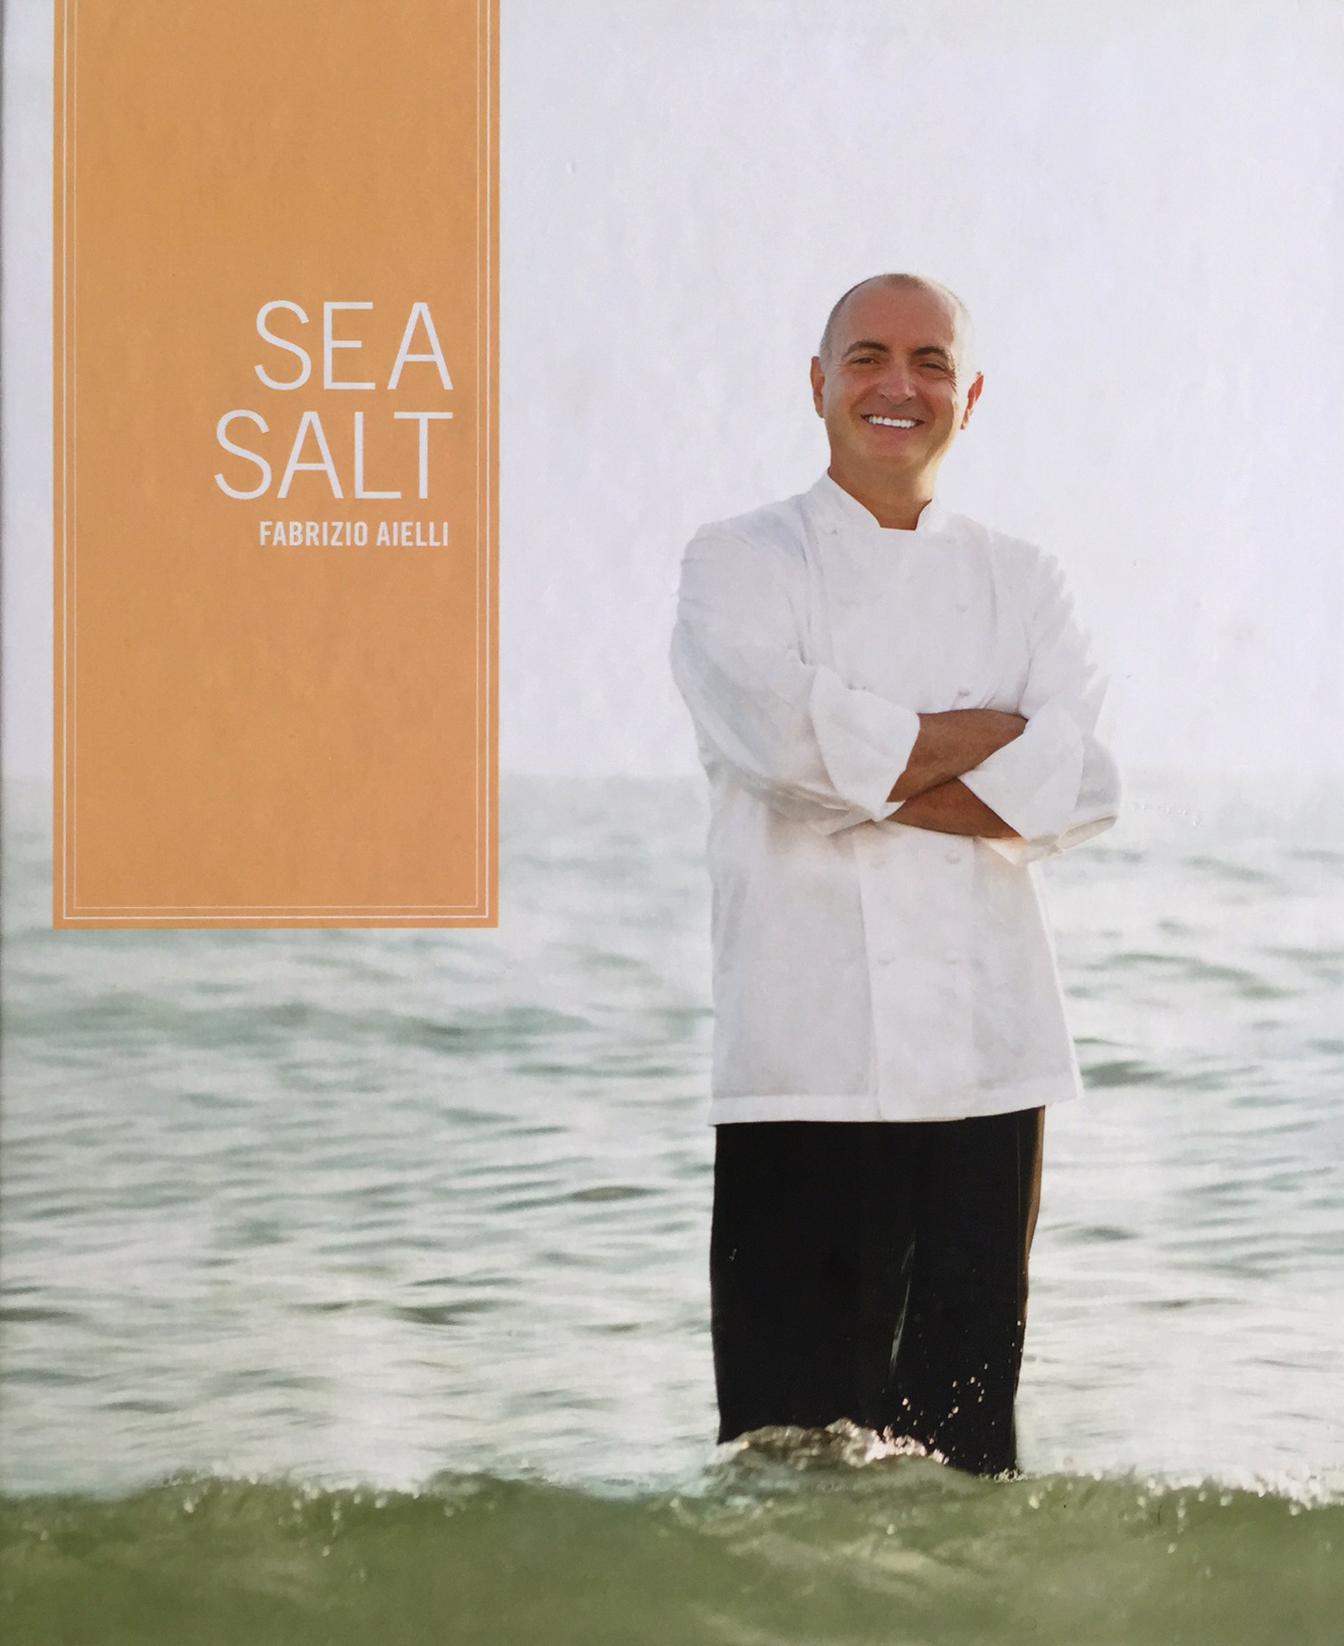 SEA_SALT_RECIPE_BOOK_CHEF_FABRIZIO_AIELLI_PHOTOGRAPHED_BY_vANESSA_ROGERS